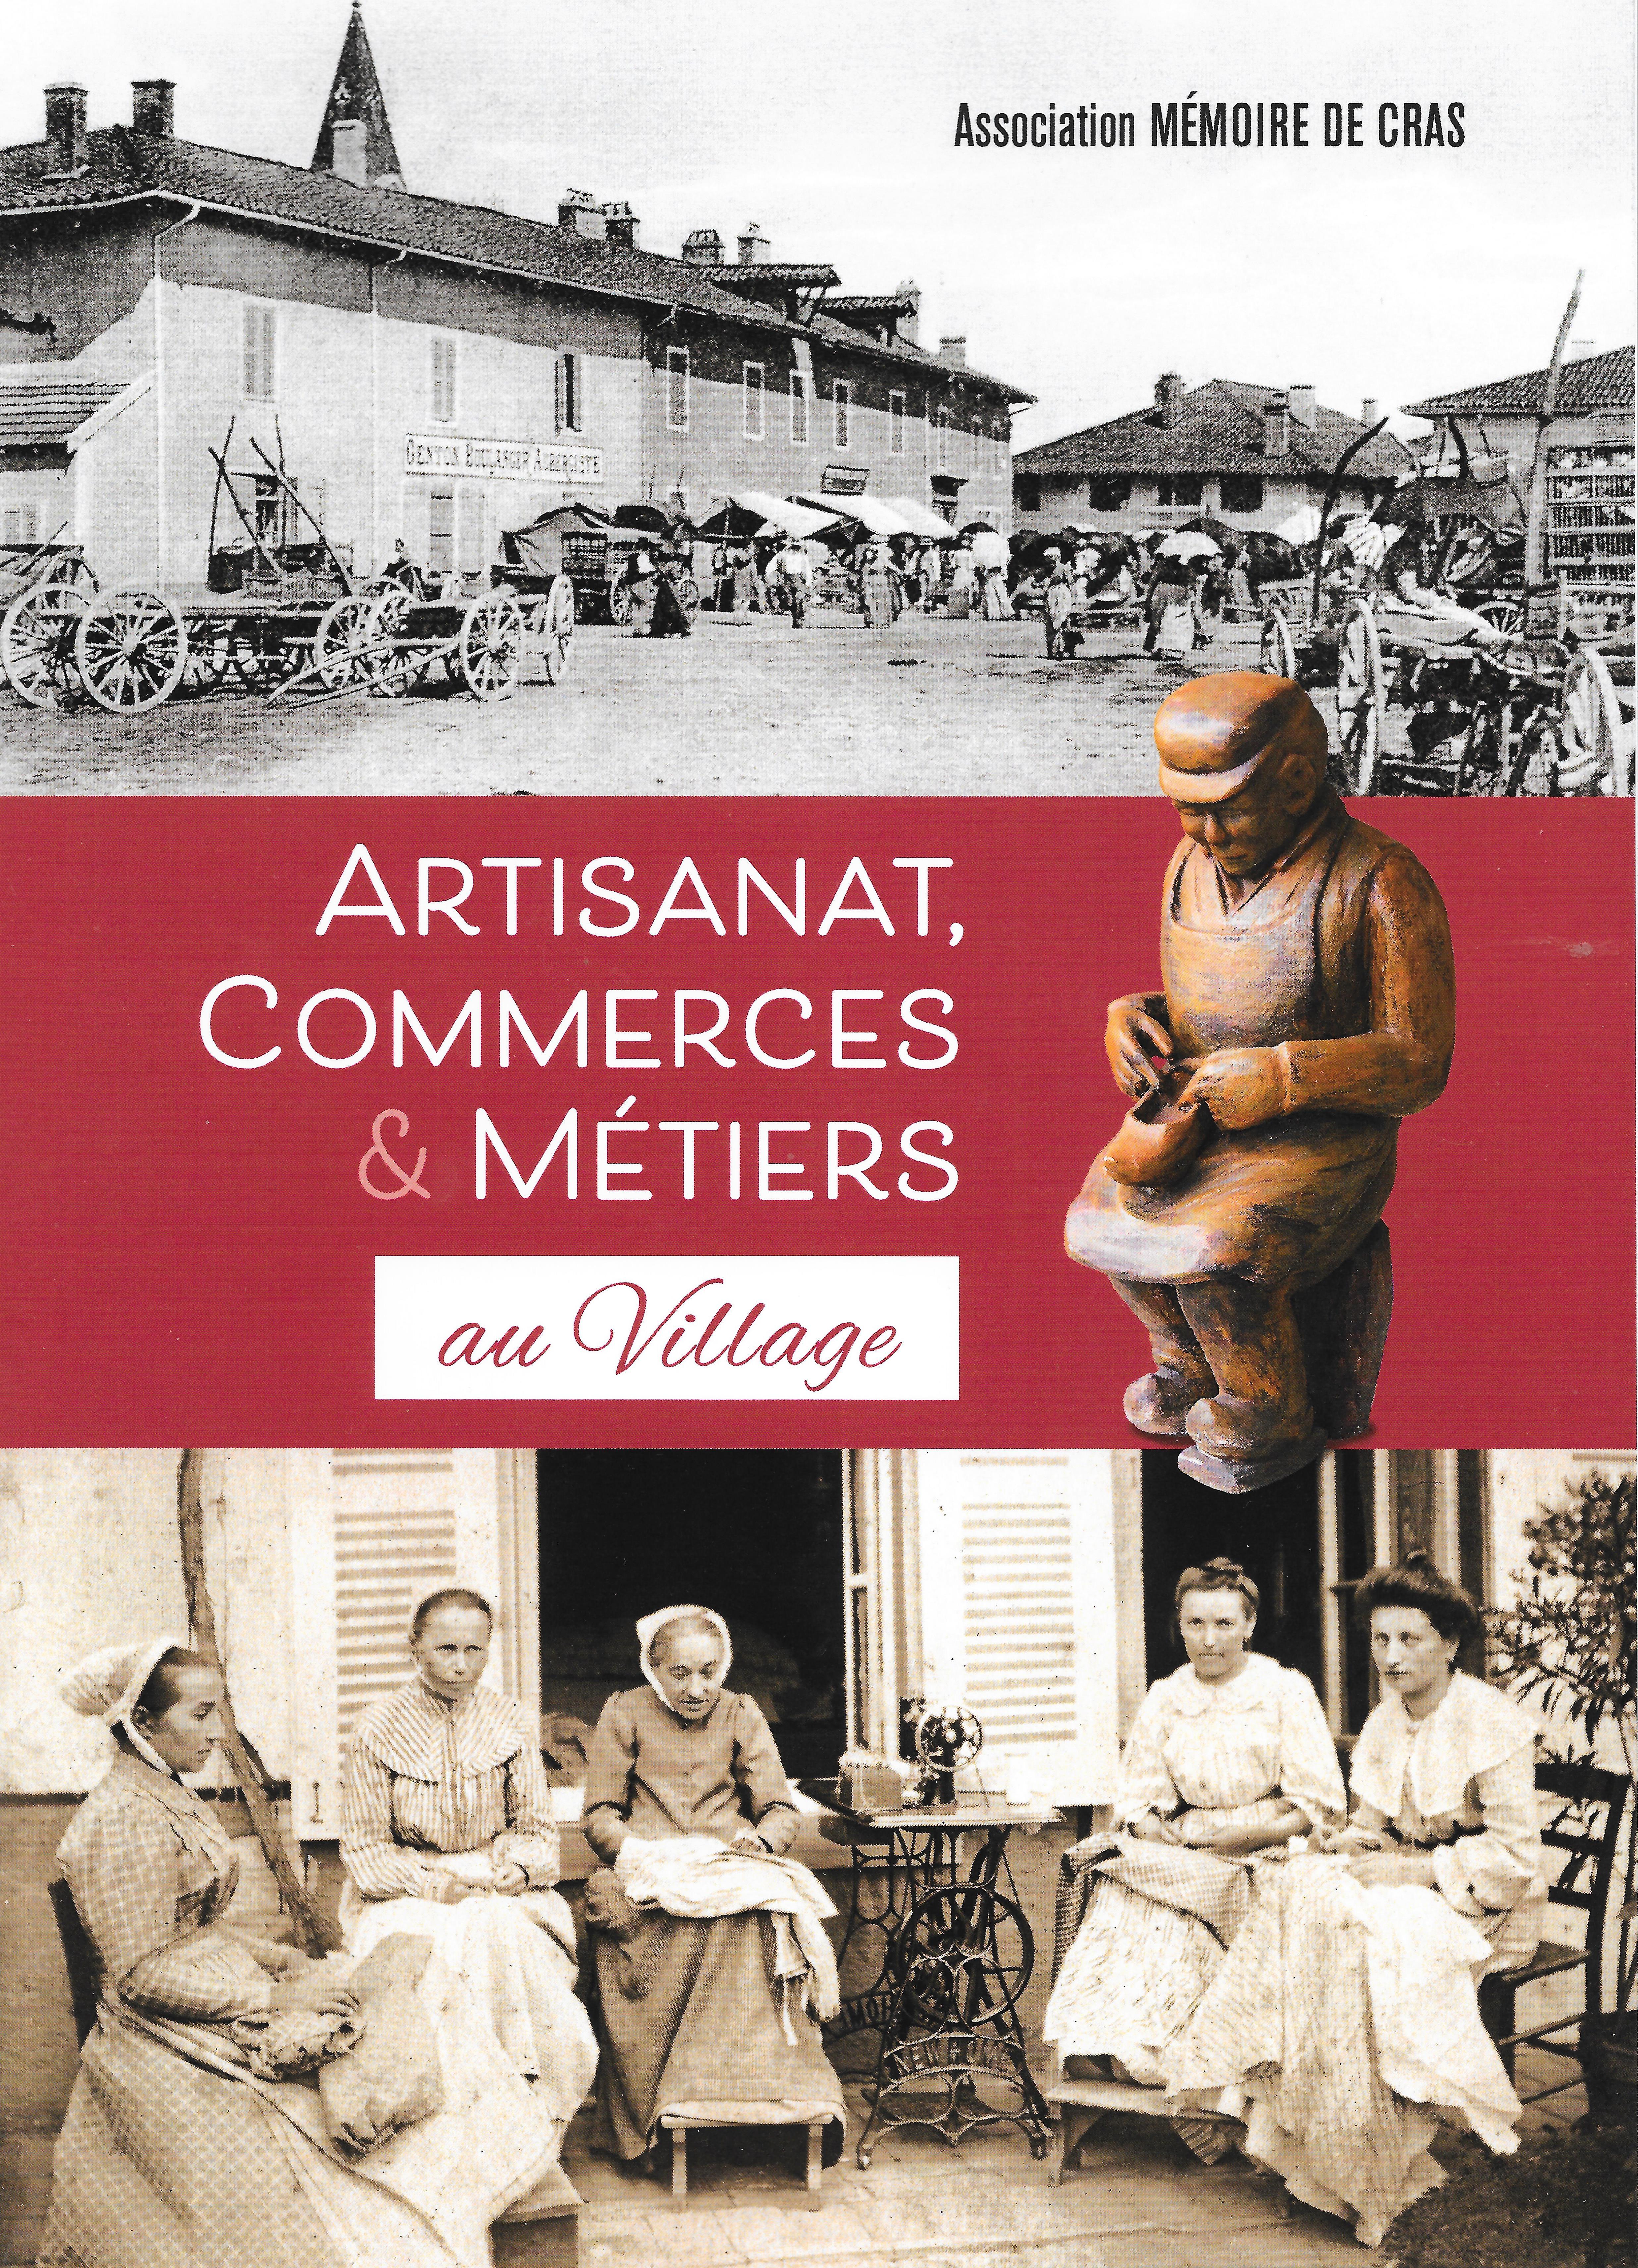 Photo couverture livre MdC